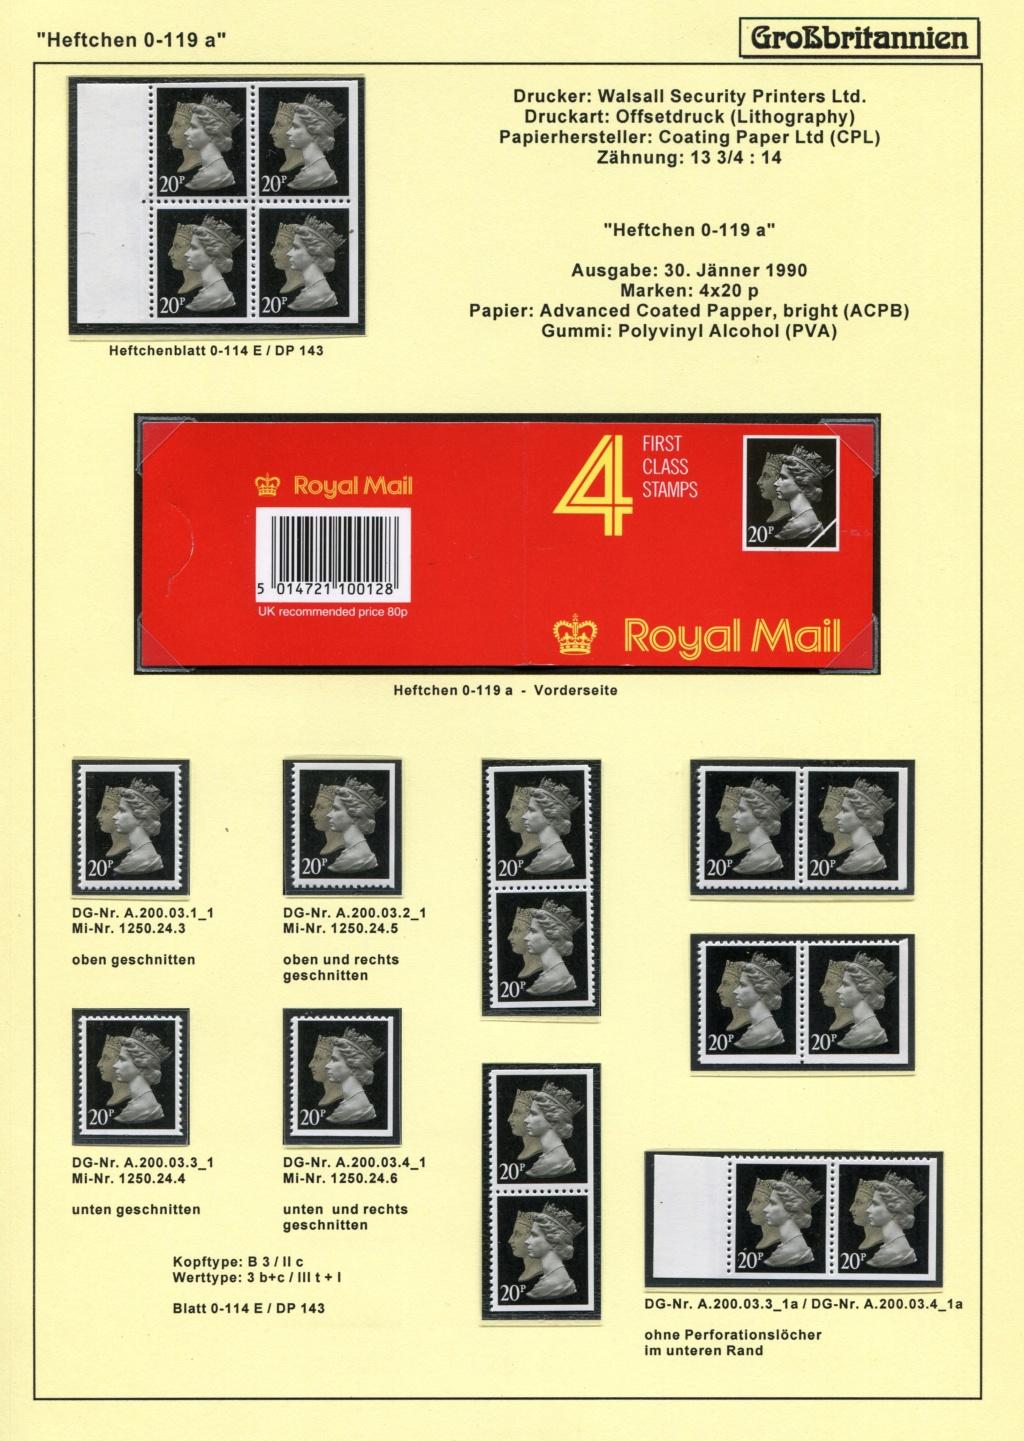 Großbritannien - 150 Jahre Briefmarken Black_45